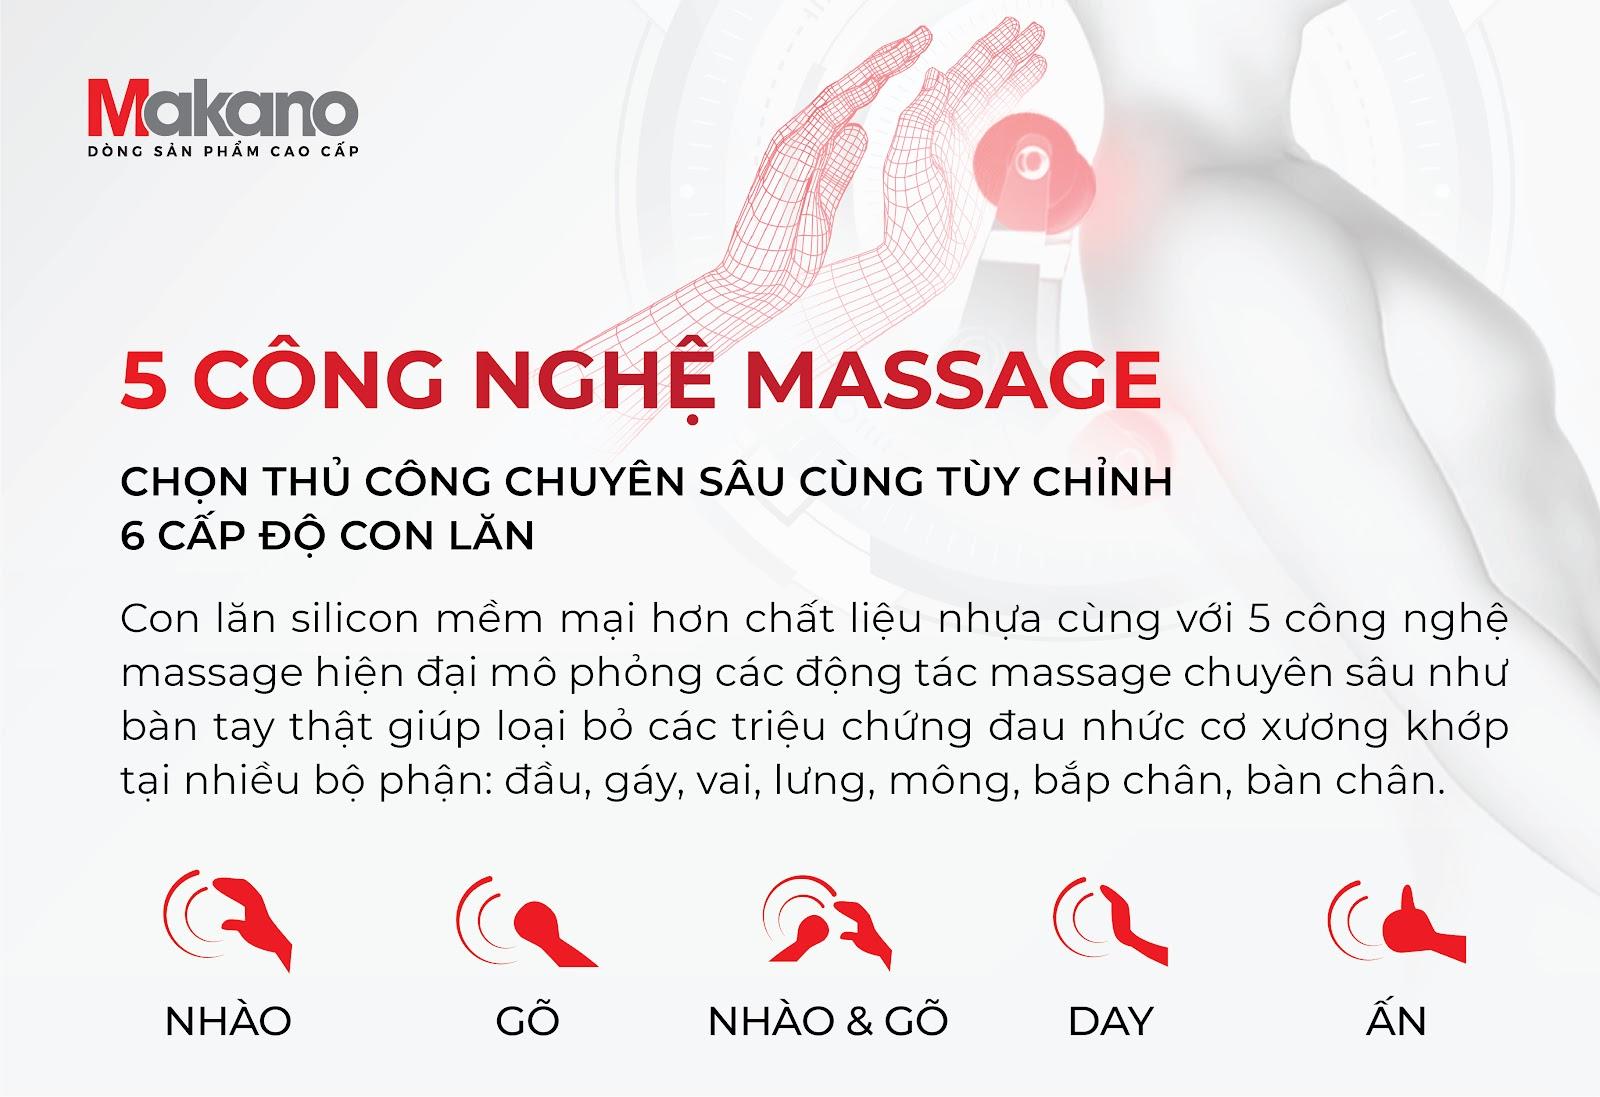 5 công nghệ massage chọn chủ công chuyên sâu với 6 cấp độ con lăn